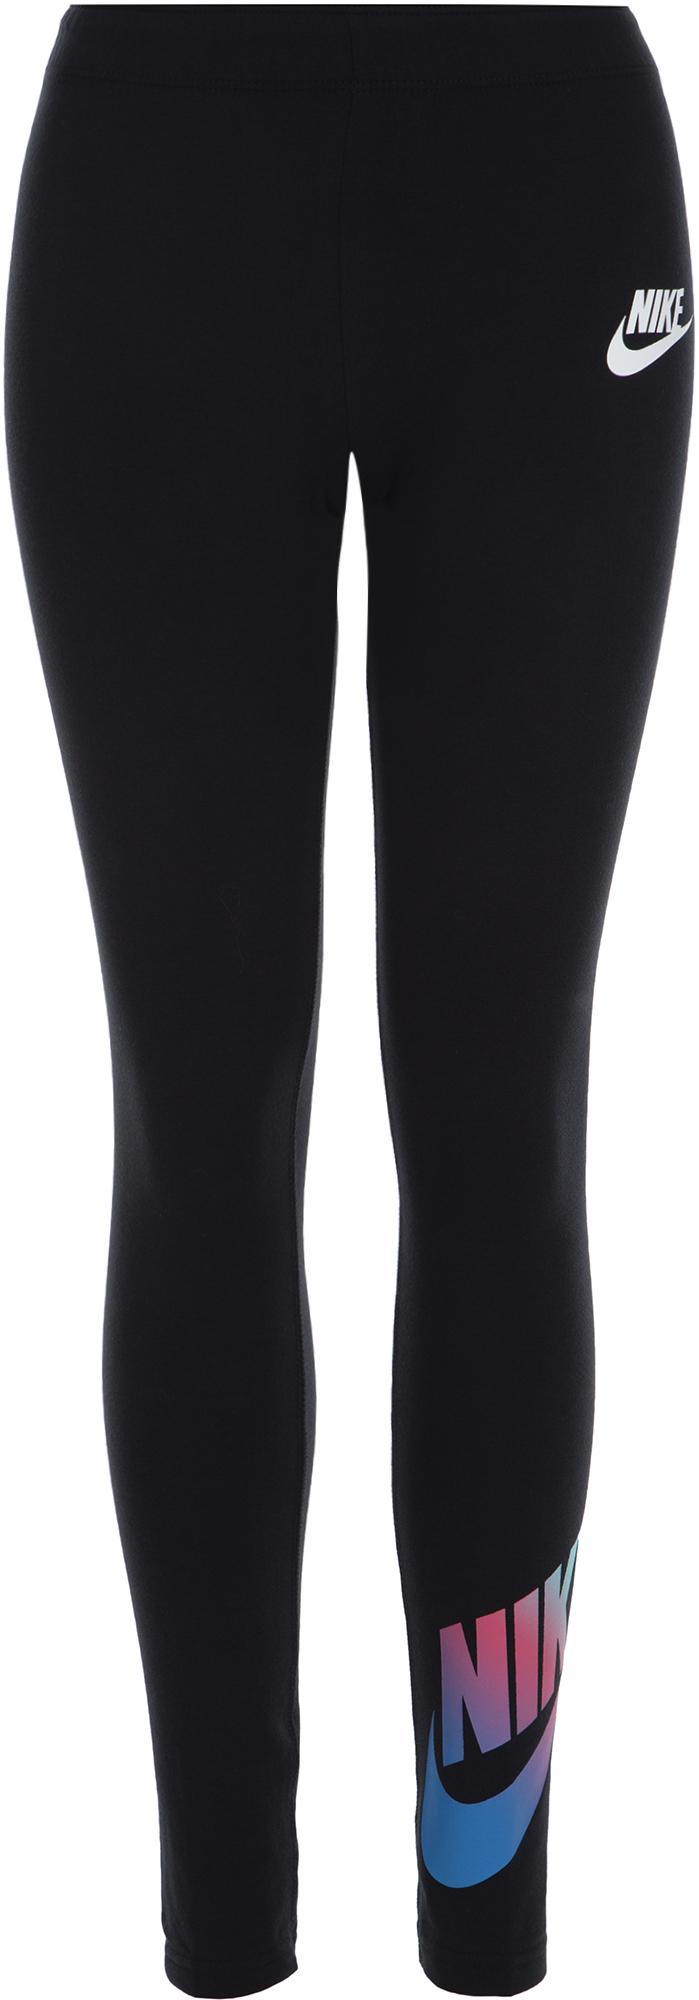 купить Nike Легинсы для девочек Nike, размер 146-156 онлайн